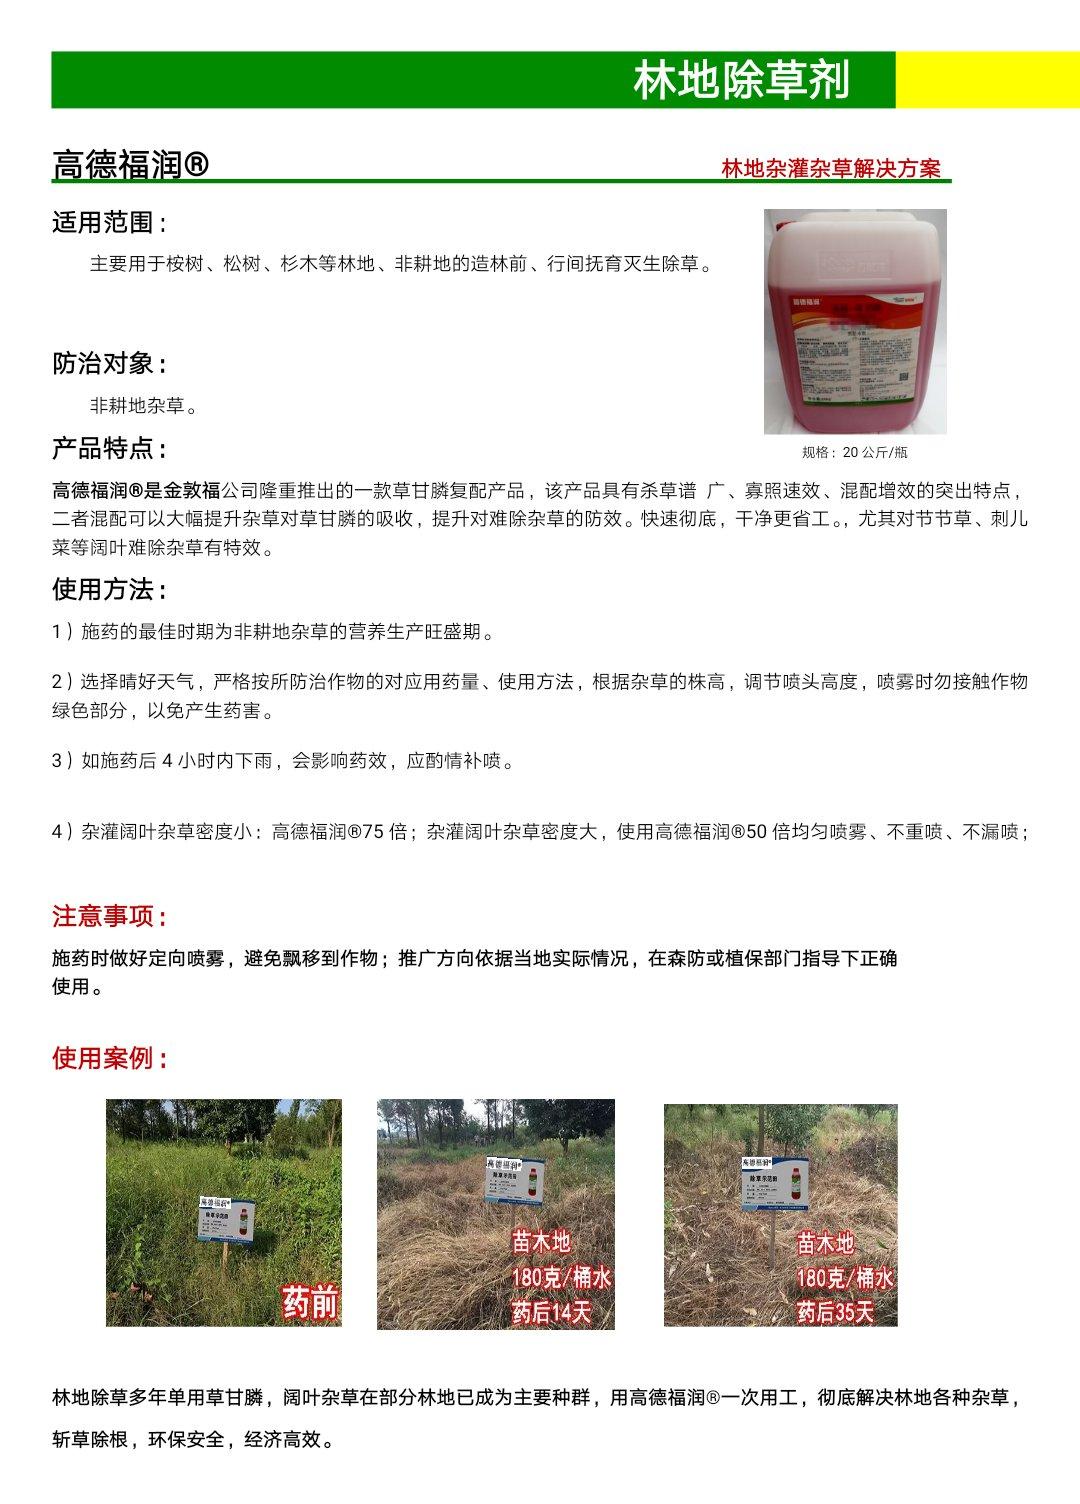 高德福润林业除草剂:林地抗性阔叶杂草与禾本科杂草混生解决能手